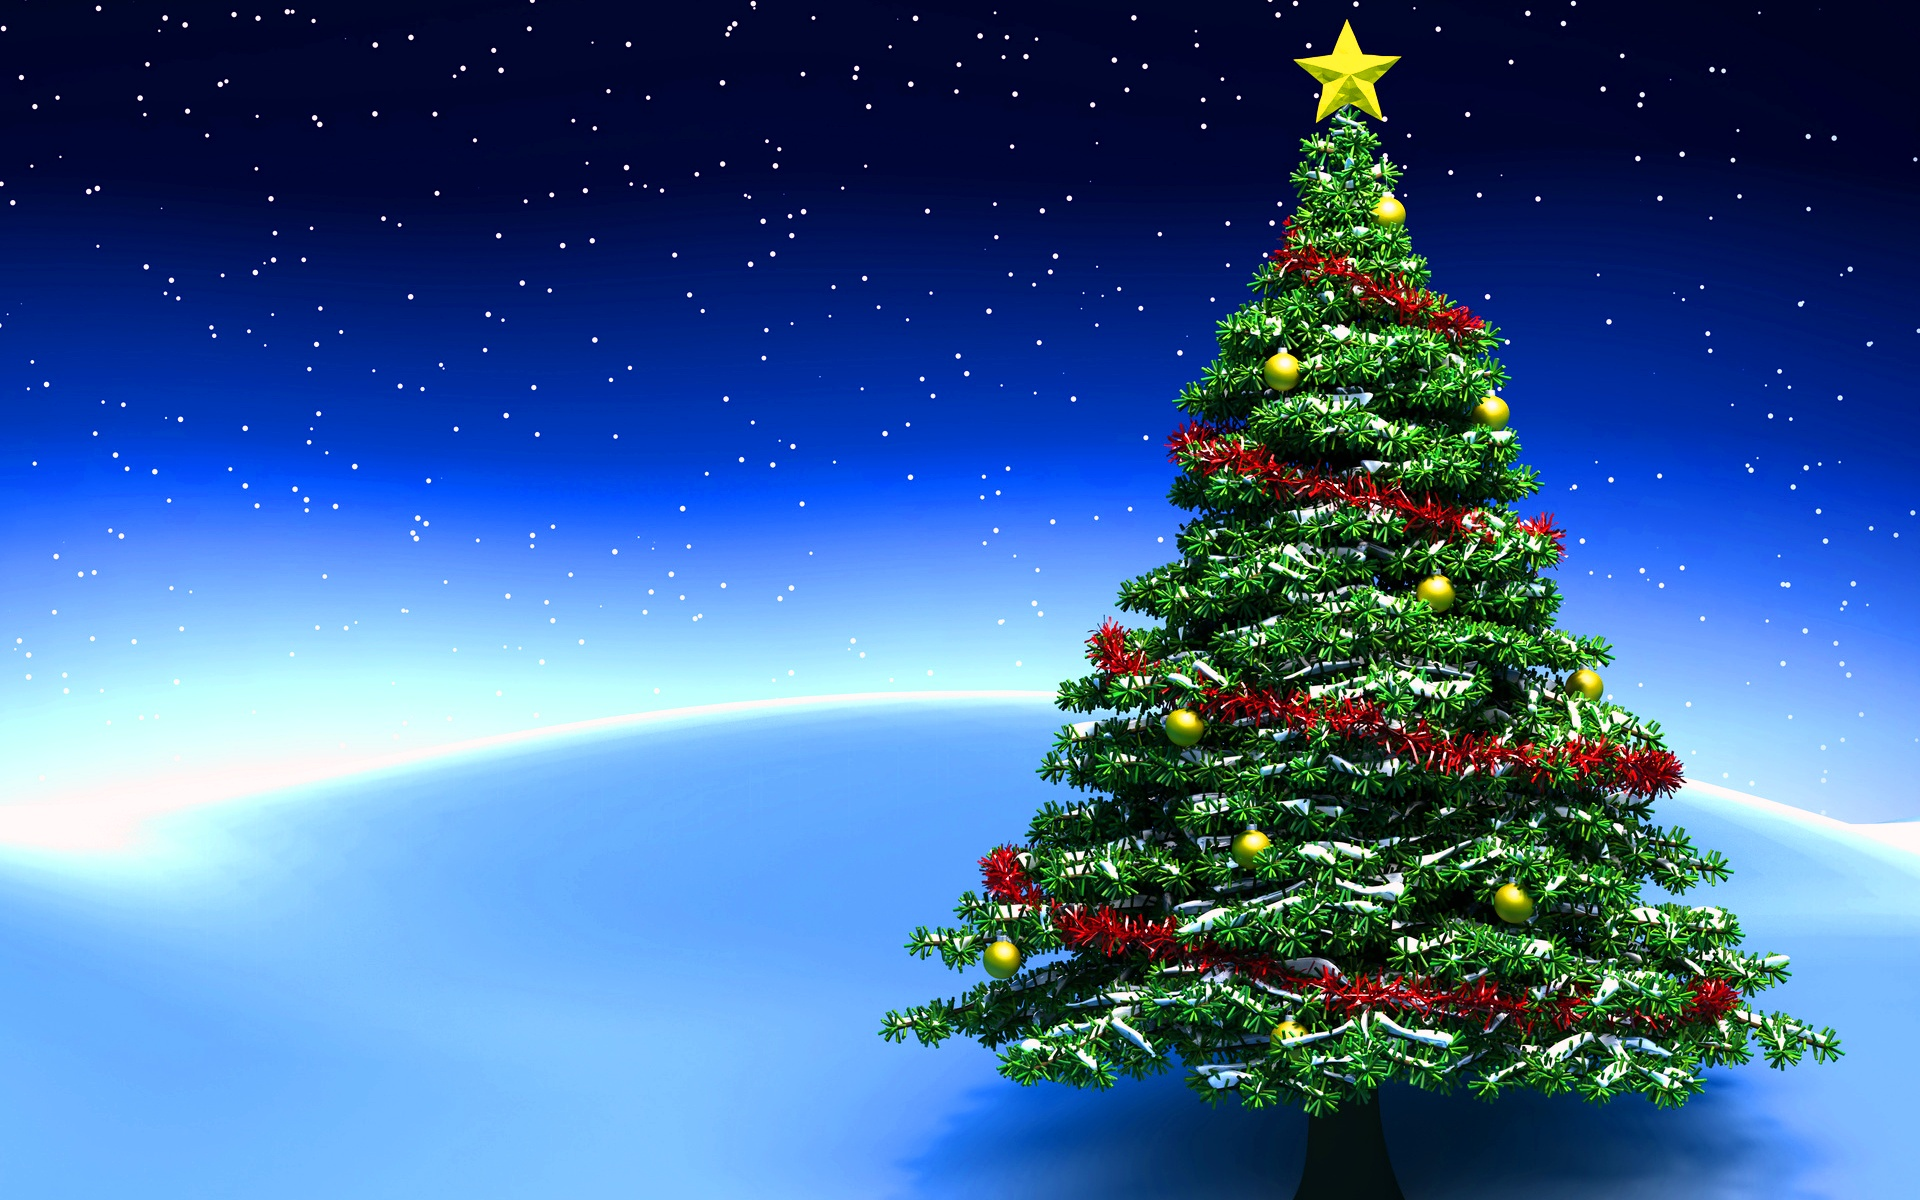 Новогодняя елка - C наступающим новым годом 2019 поздравительные картинки